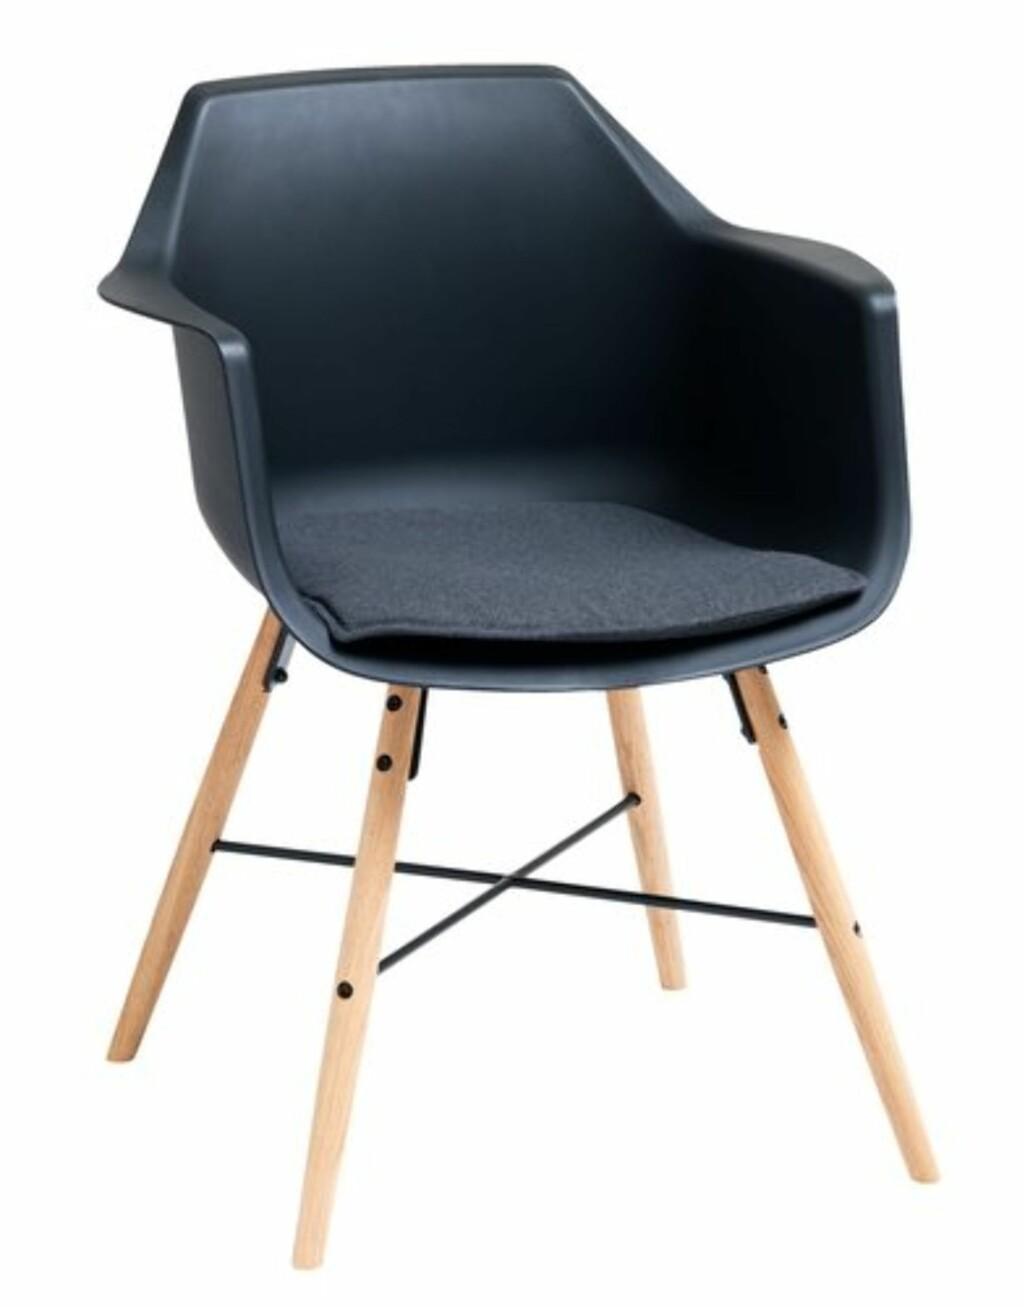 Mørk stol ble trebein fra Jysk | kr 799